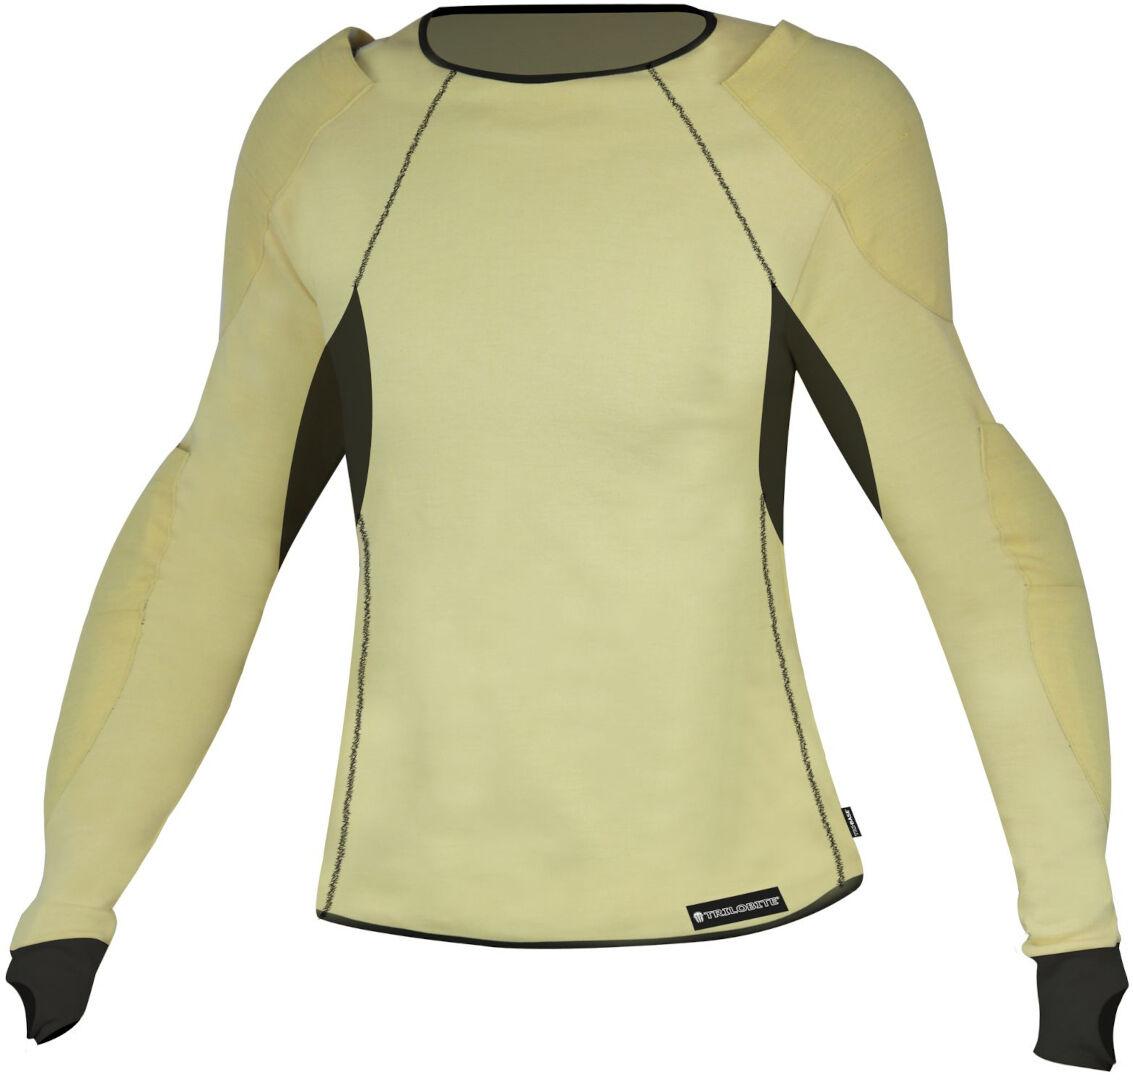 Trilobite Skintec Aramid Dame Funksjonell Skjorte L Beige